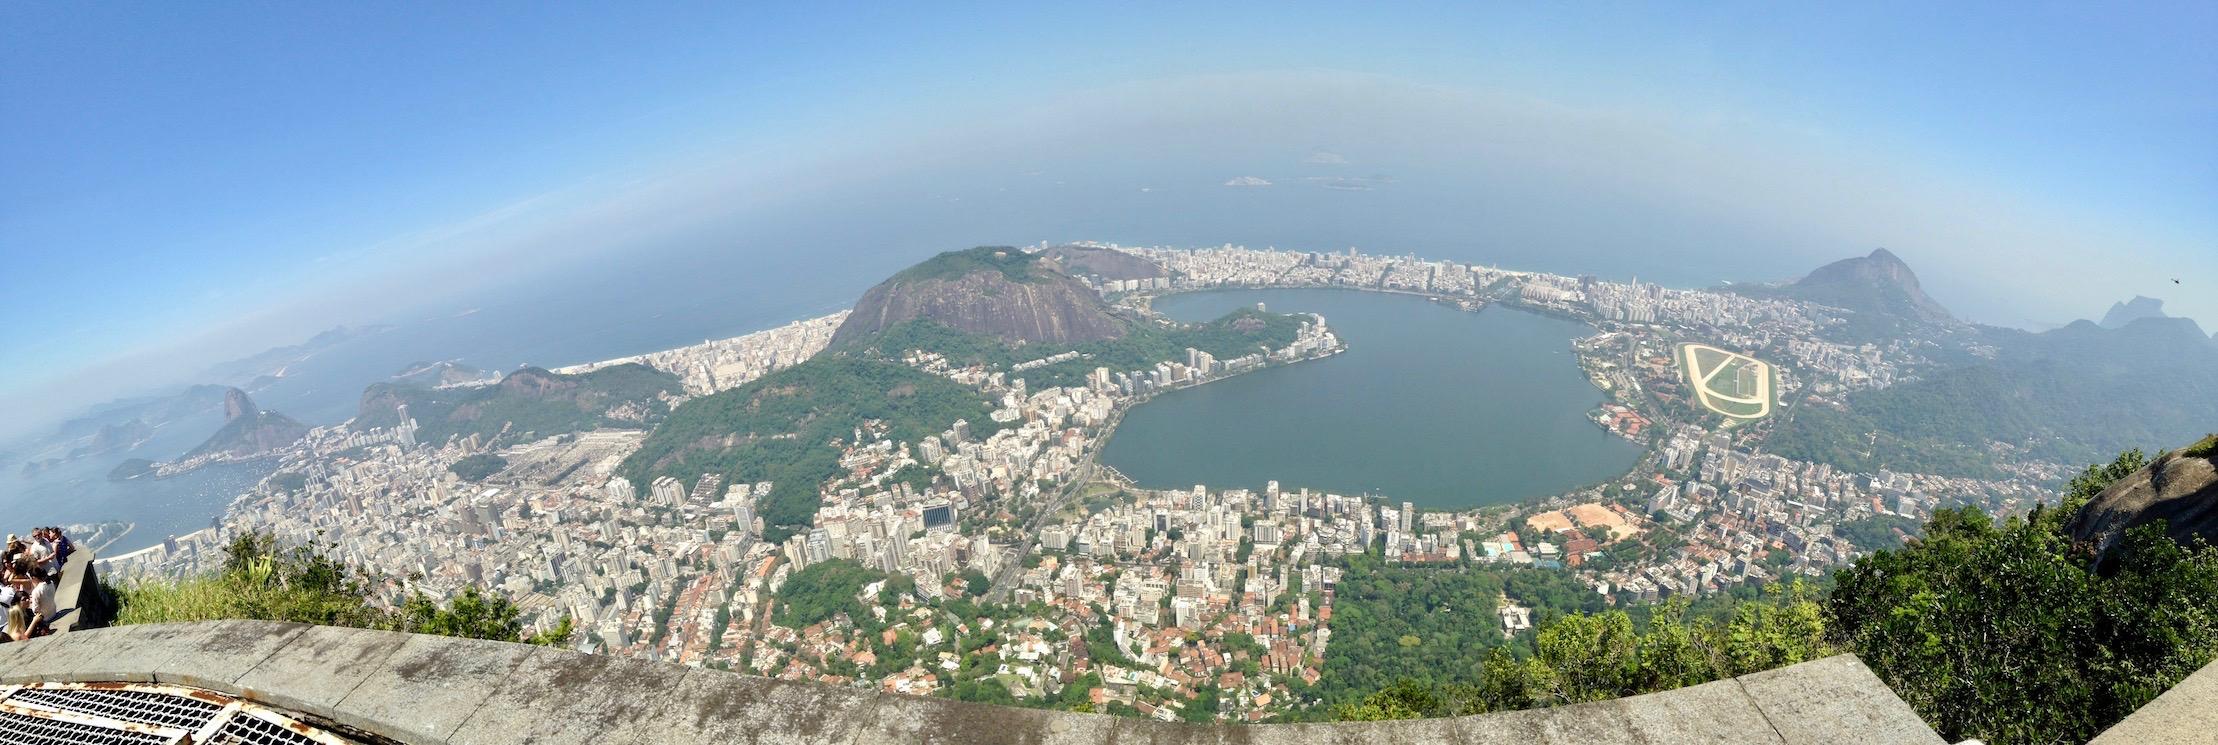 View of Rio – Cristo Redentor